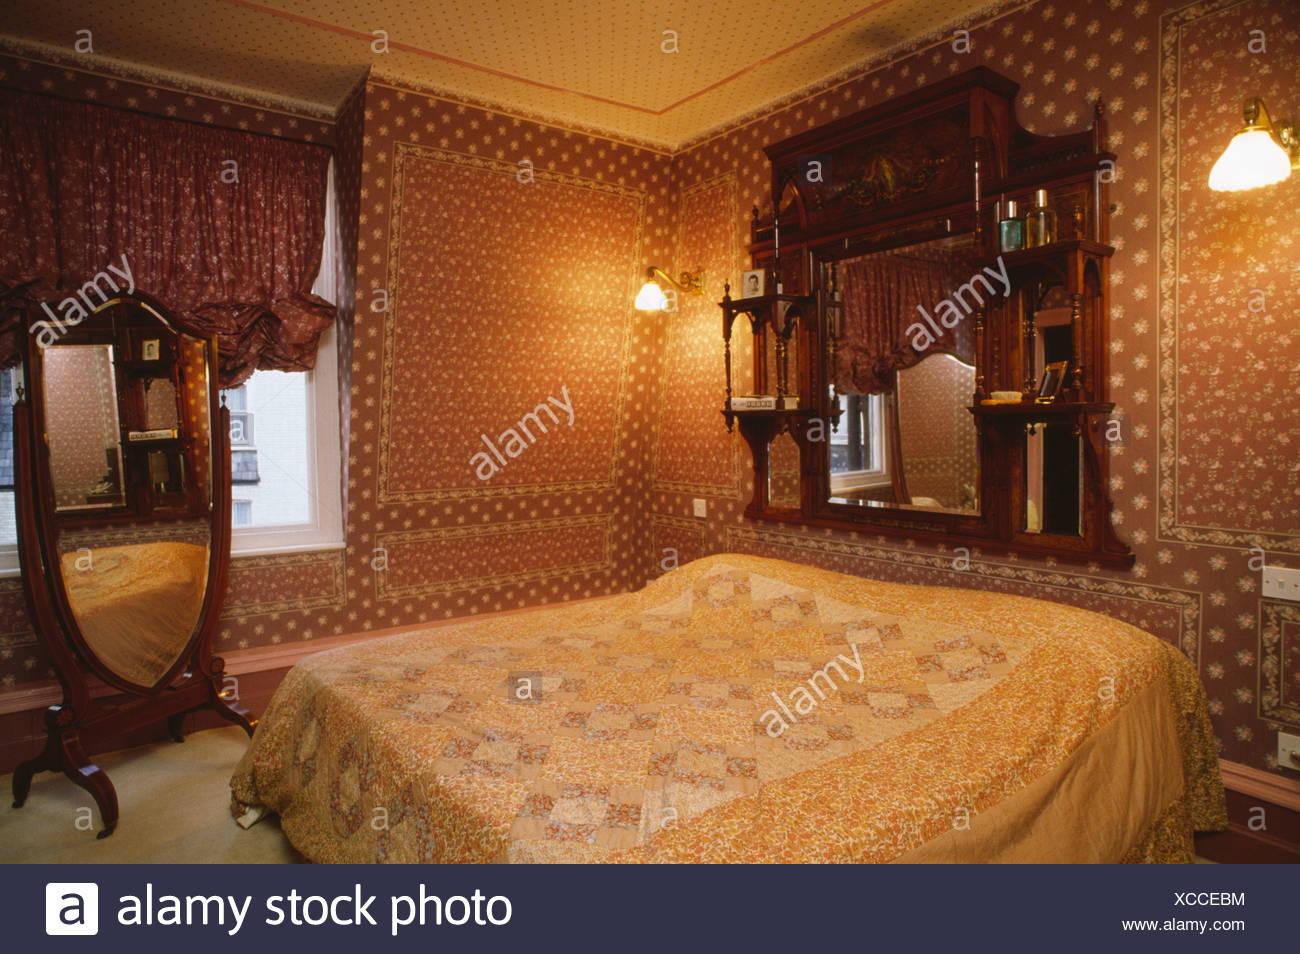 Trumeau miroir et psyché en 1970 chambre avec du papier ...